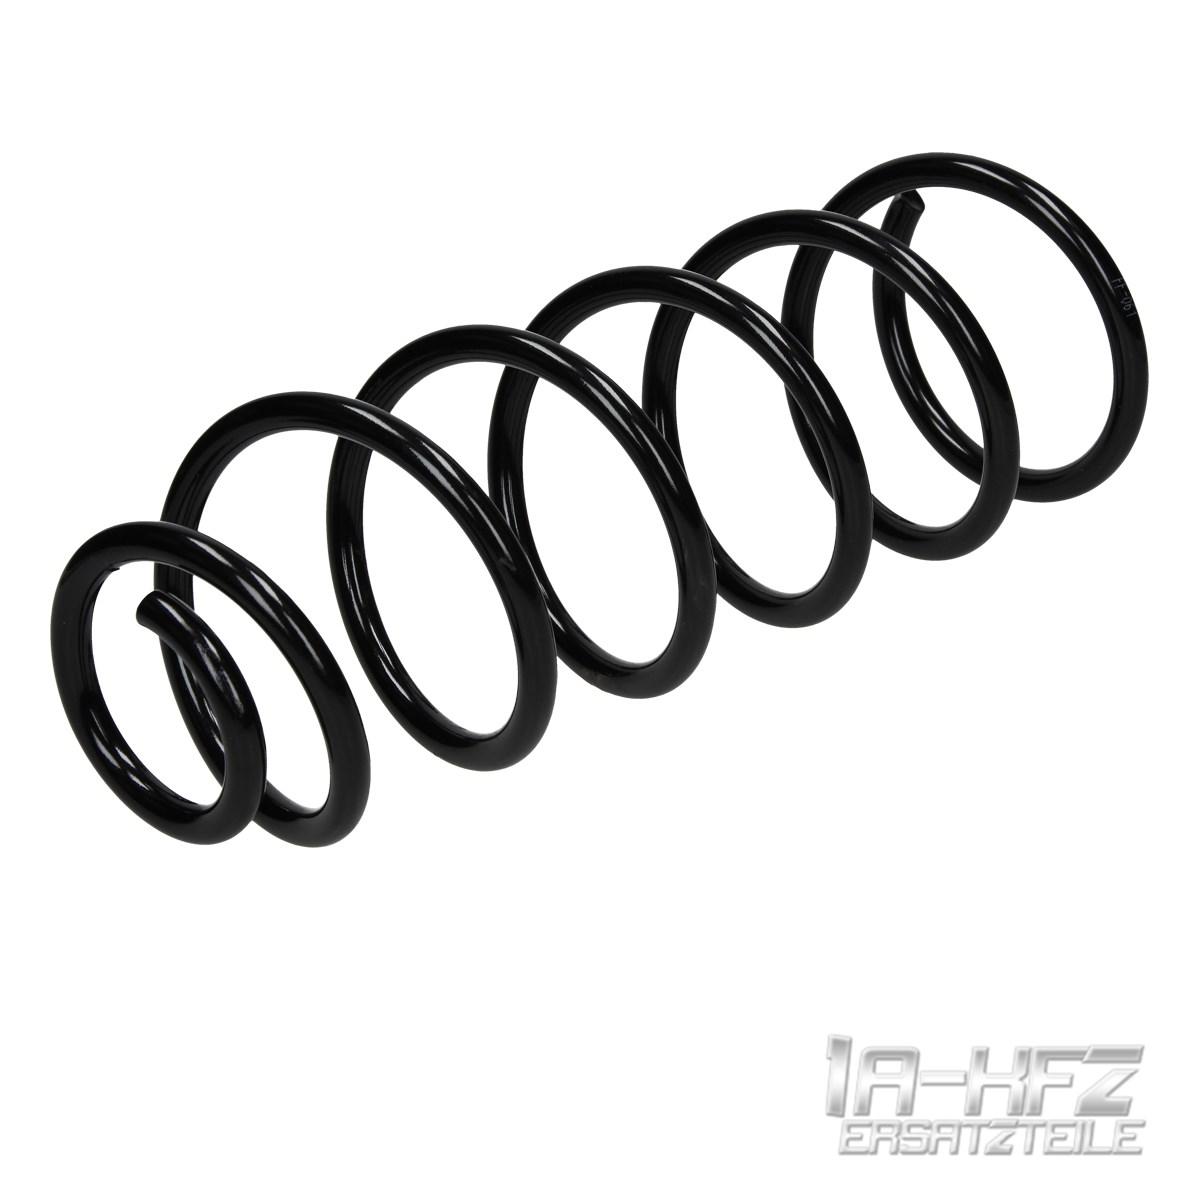 Fahrwerksfeder Spiralfeder Feder Hinterachse Hinten Verstärkt Opel ASTRA G